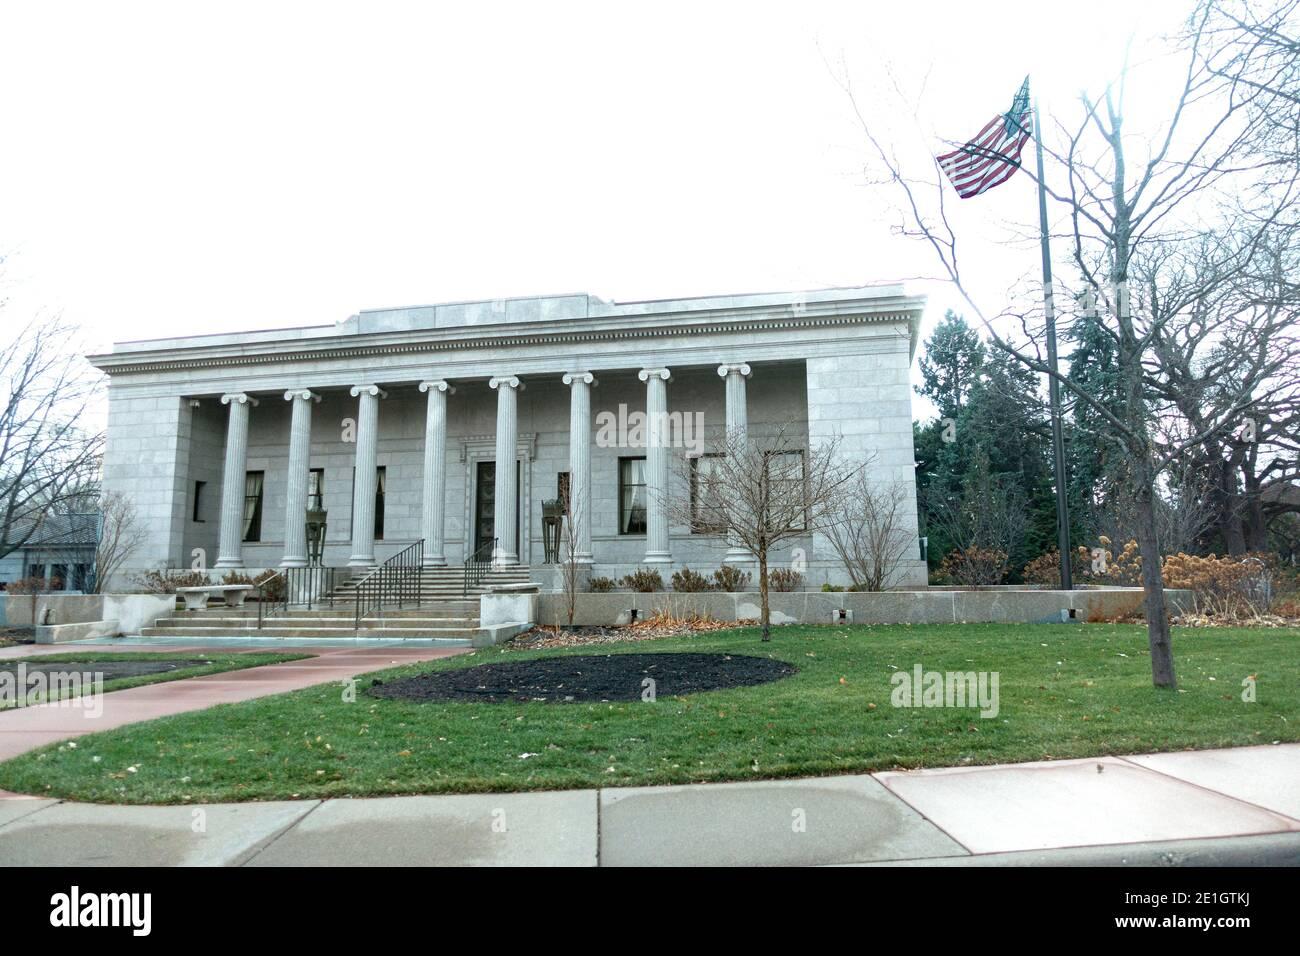 Edificio de oficinas del cementerio Lakewood con la bandera americana volando. Minneapolis Minnesota MN EE.UU Foto de stock